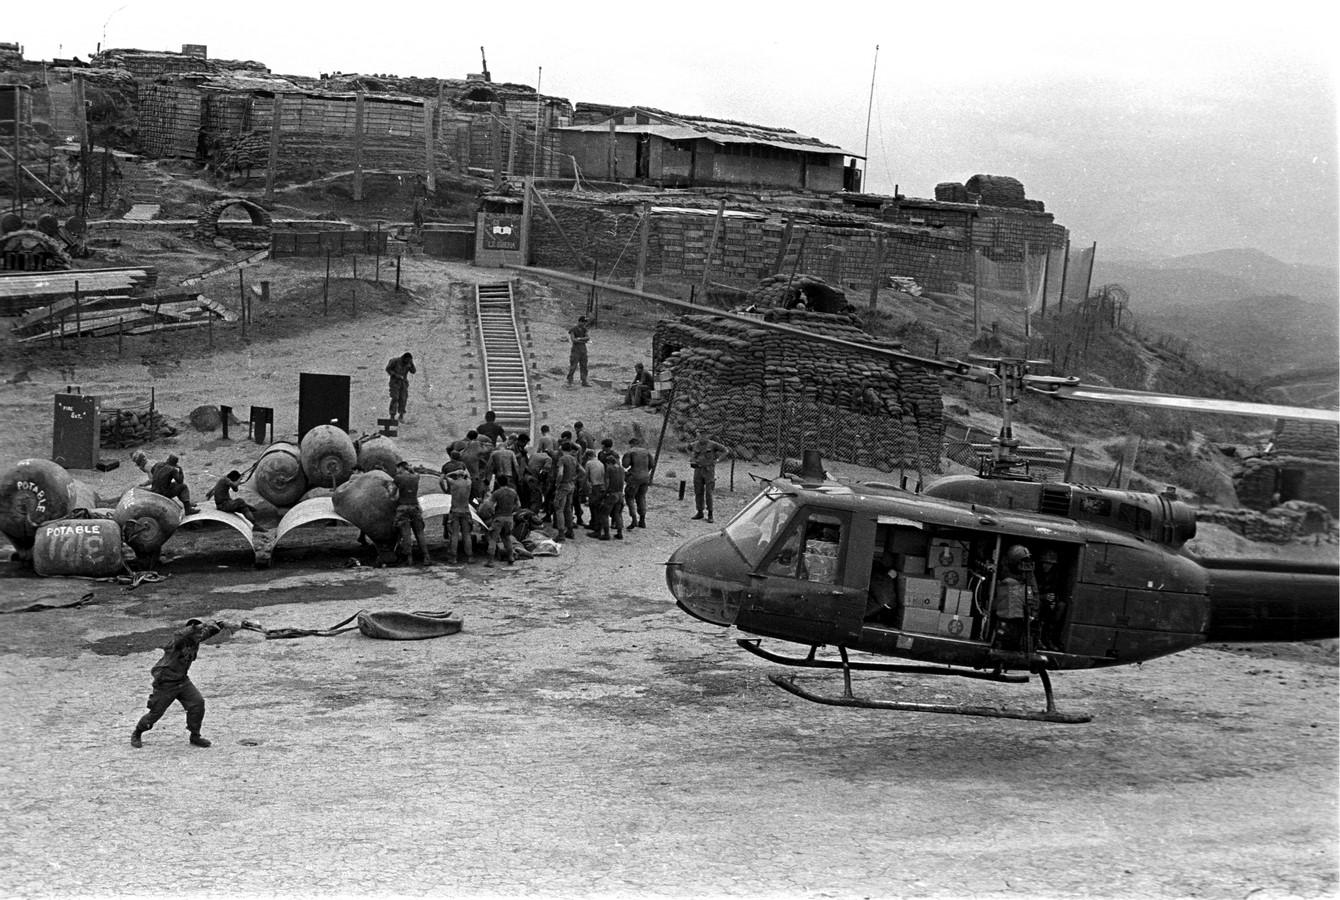 Fotó: Kondor László: Landolás, Szibéria leszállási körzet, 1969